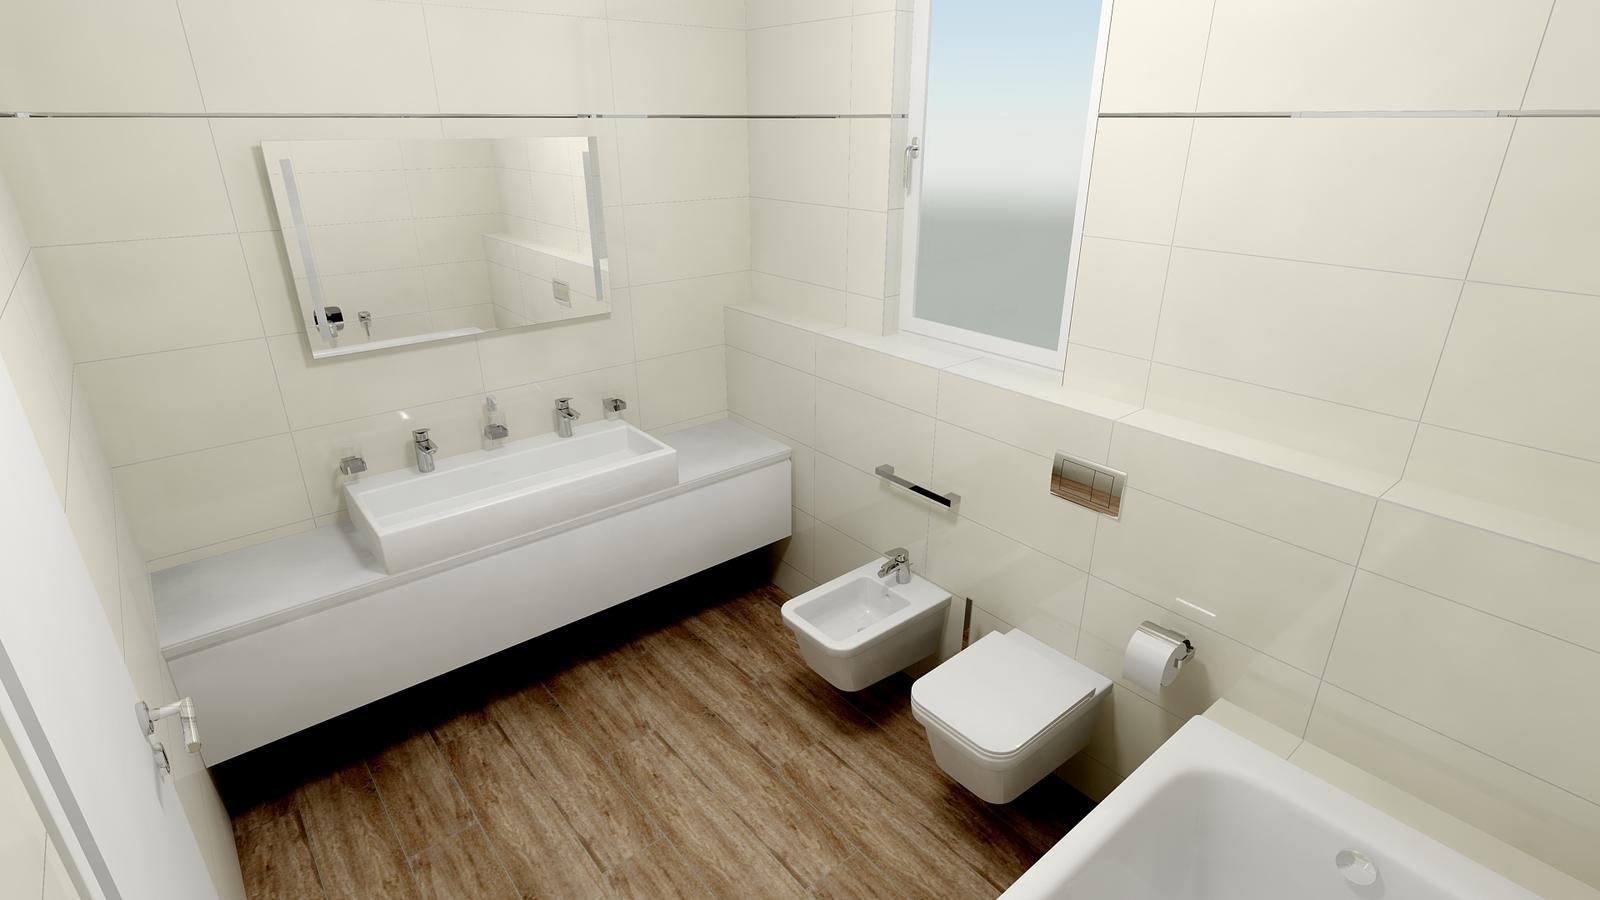 Budeme mít koupelnové skříňky... - Obrázek č. 4